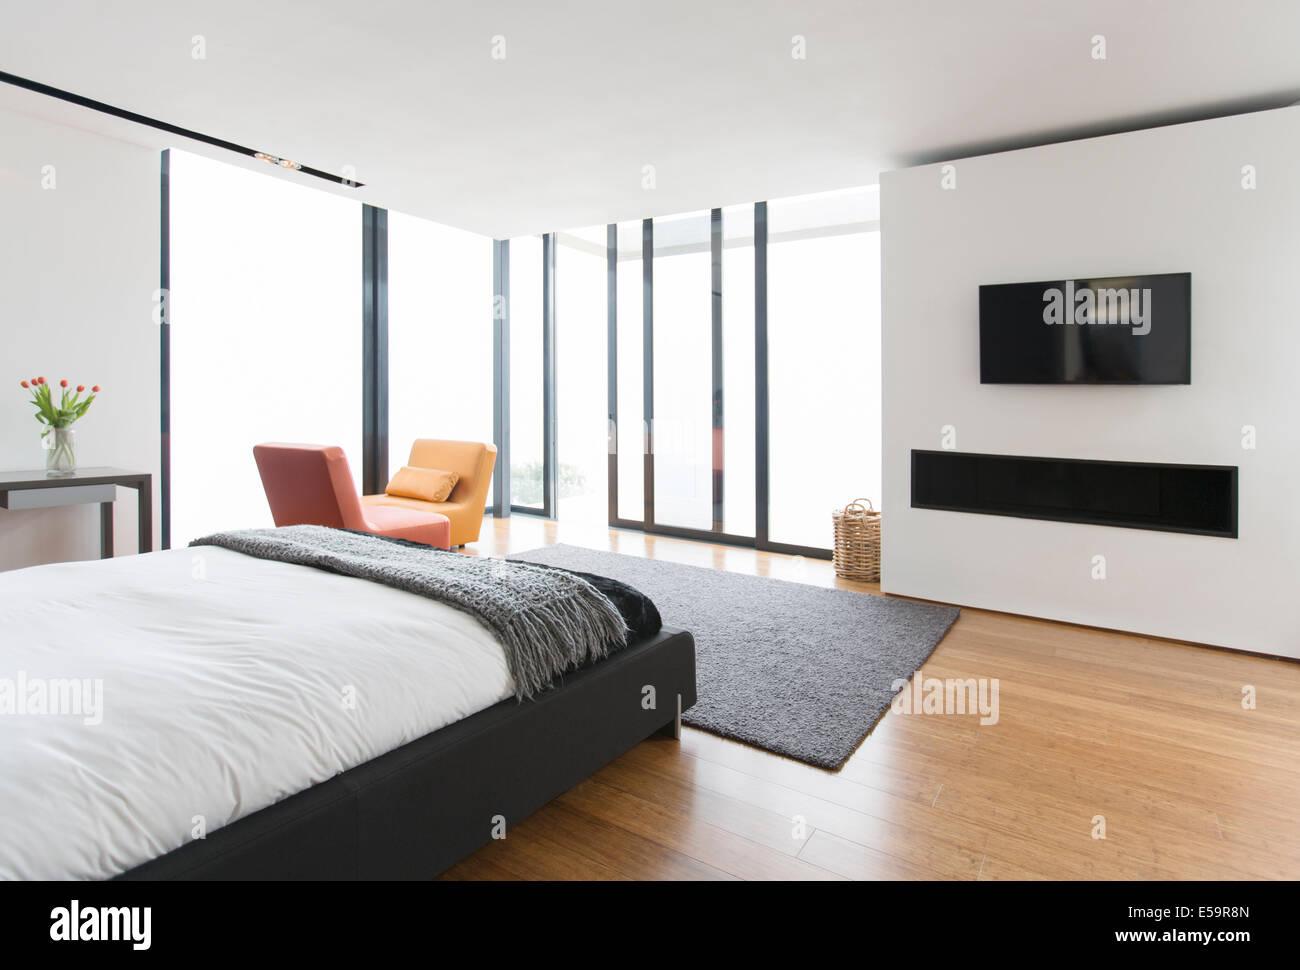 Letto e porte scorrevoli in vetro nella camera da letto moderna Immagini Stock